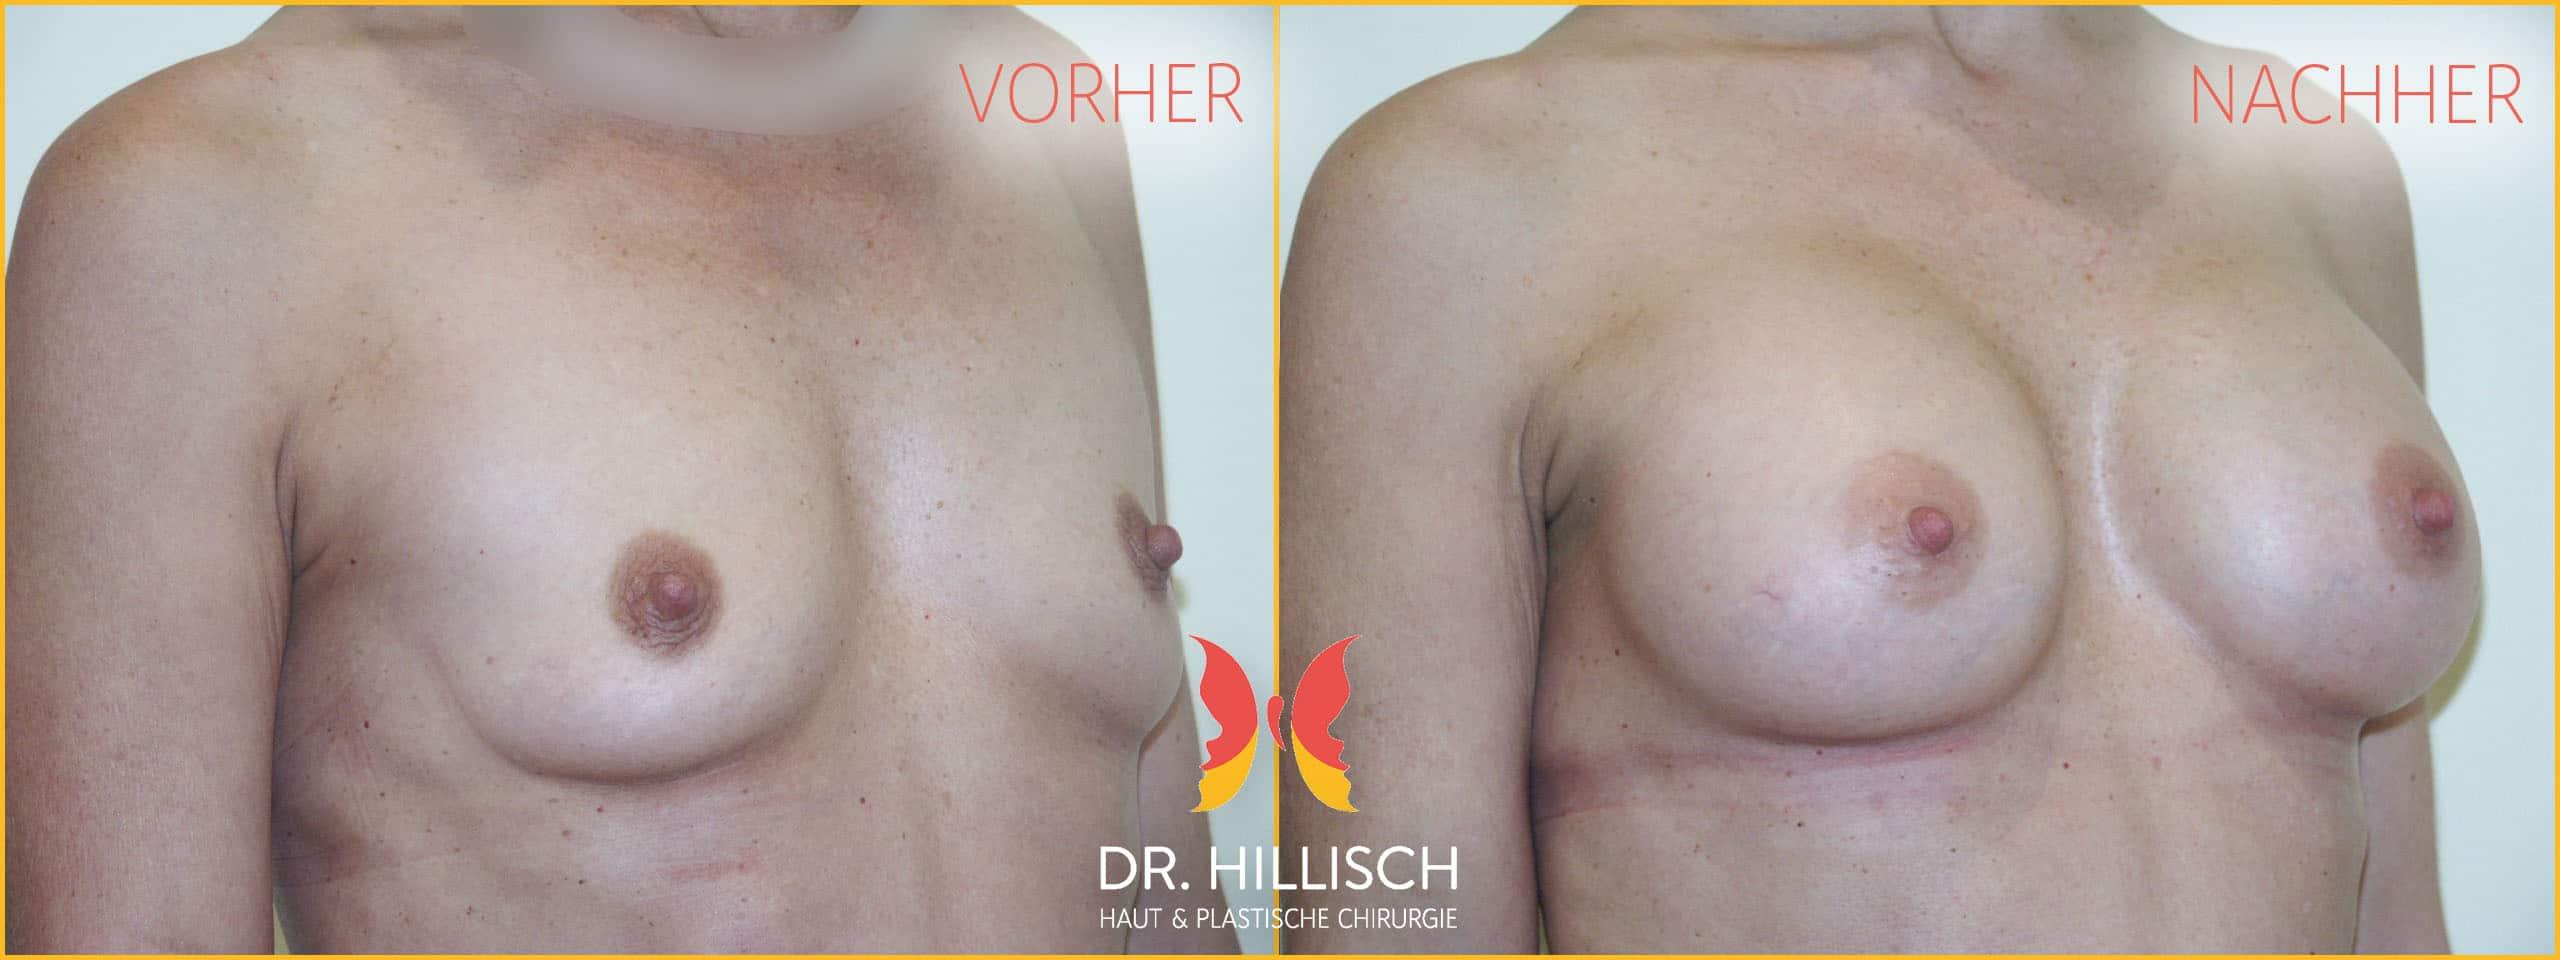 Brustvergrößerung Vorher Nachher Patient